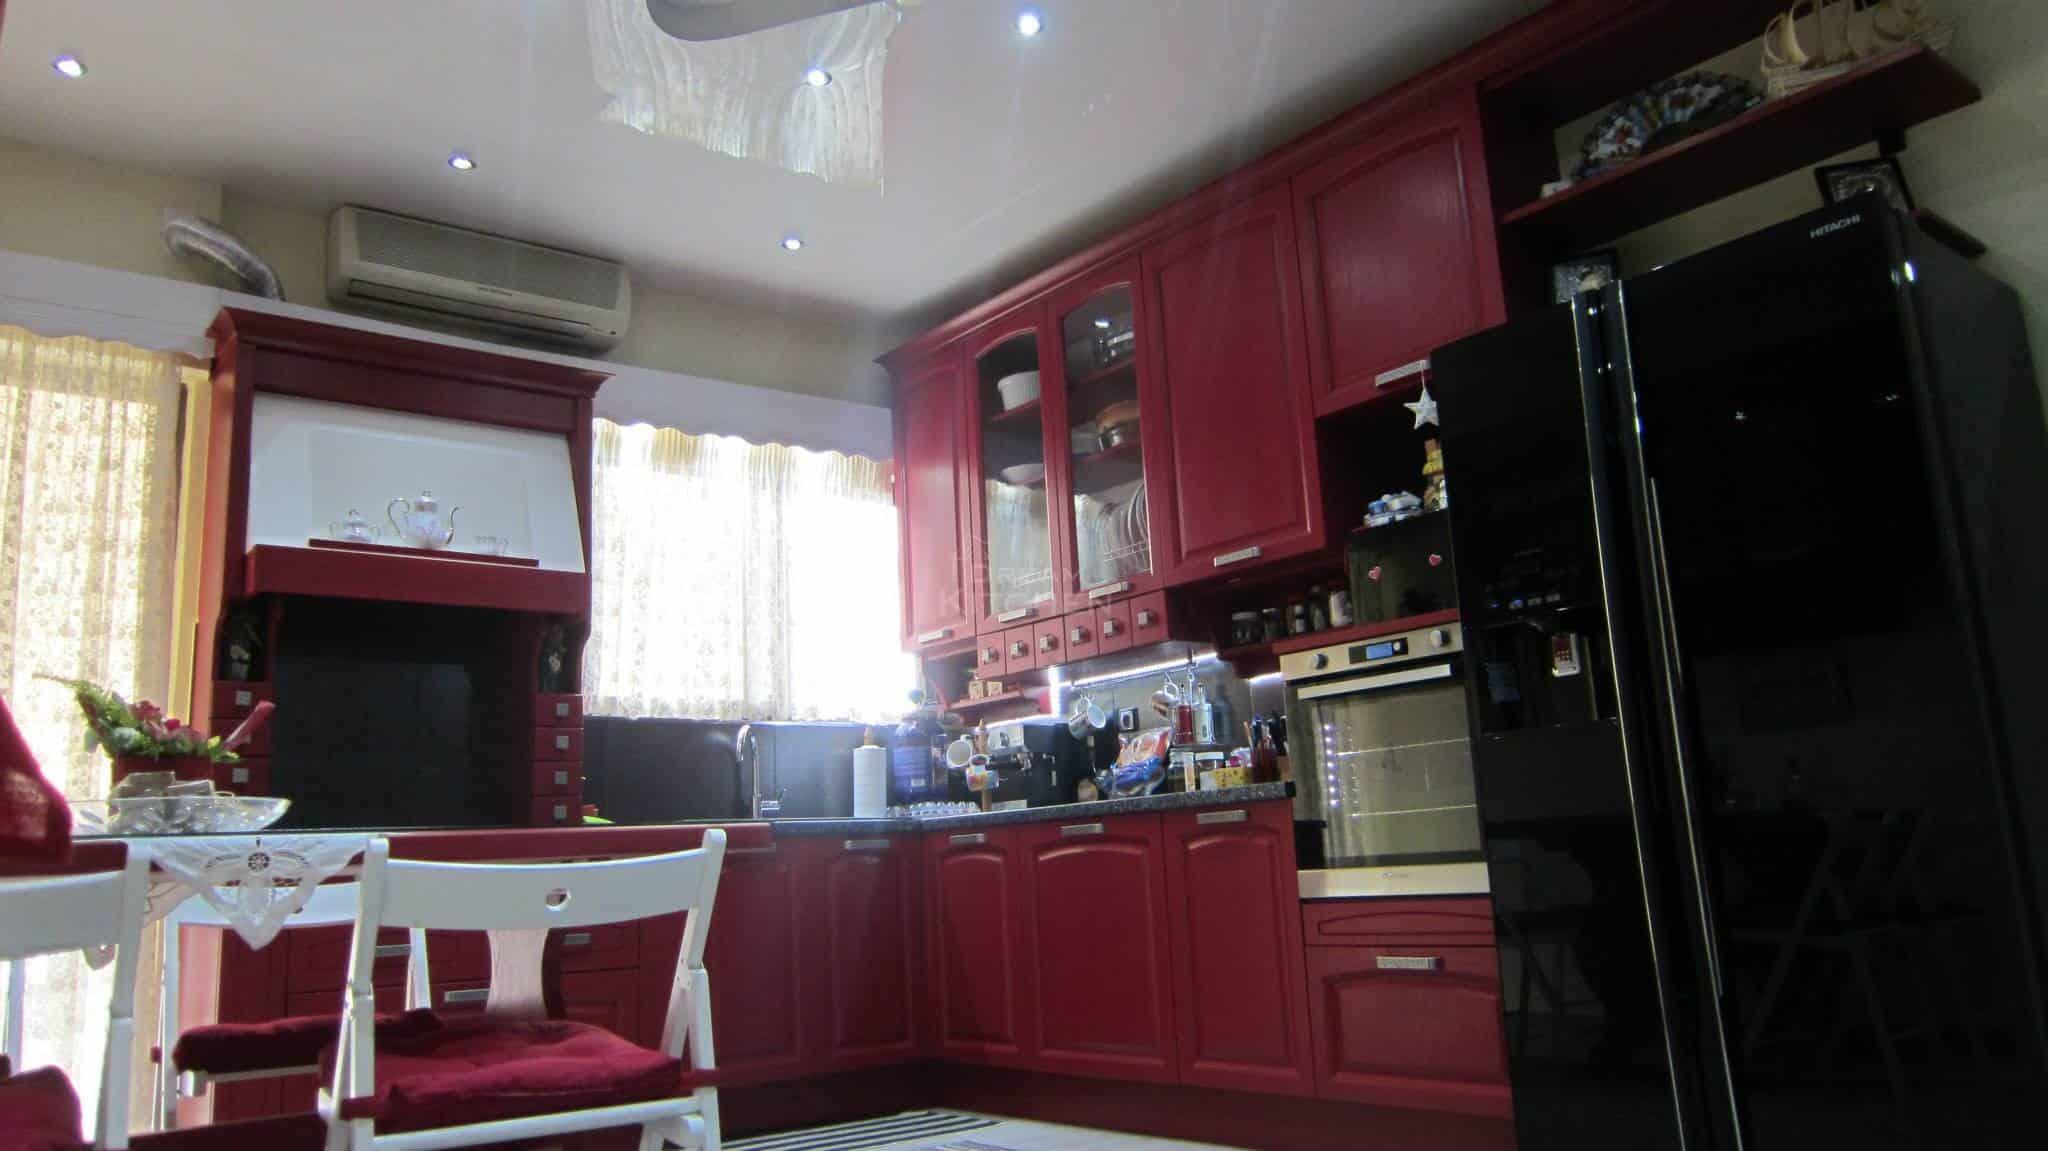 κουζίνα κόκκινη ημιμασίφ